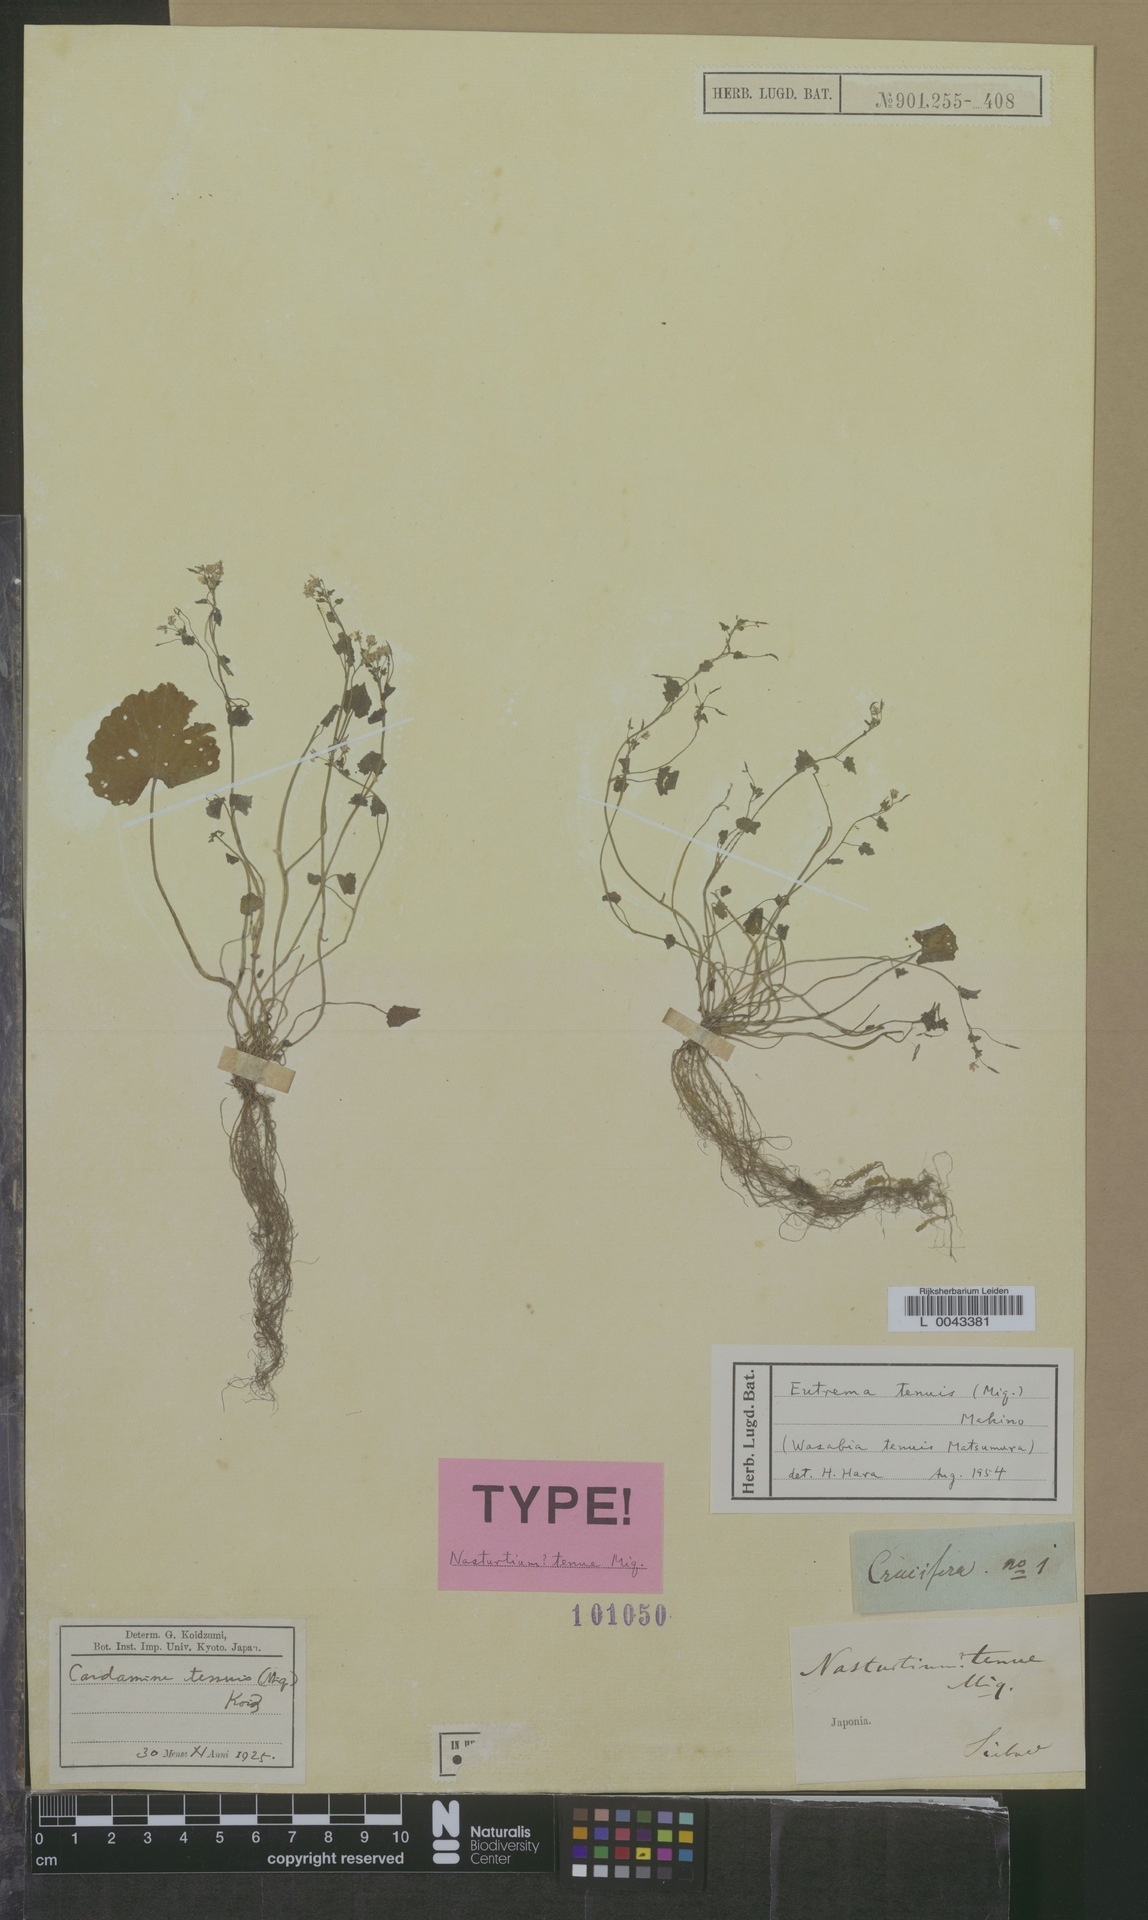 L  0043381 | Eutrema tenuis (Miq.) Makino